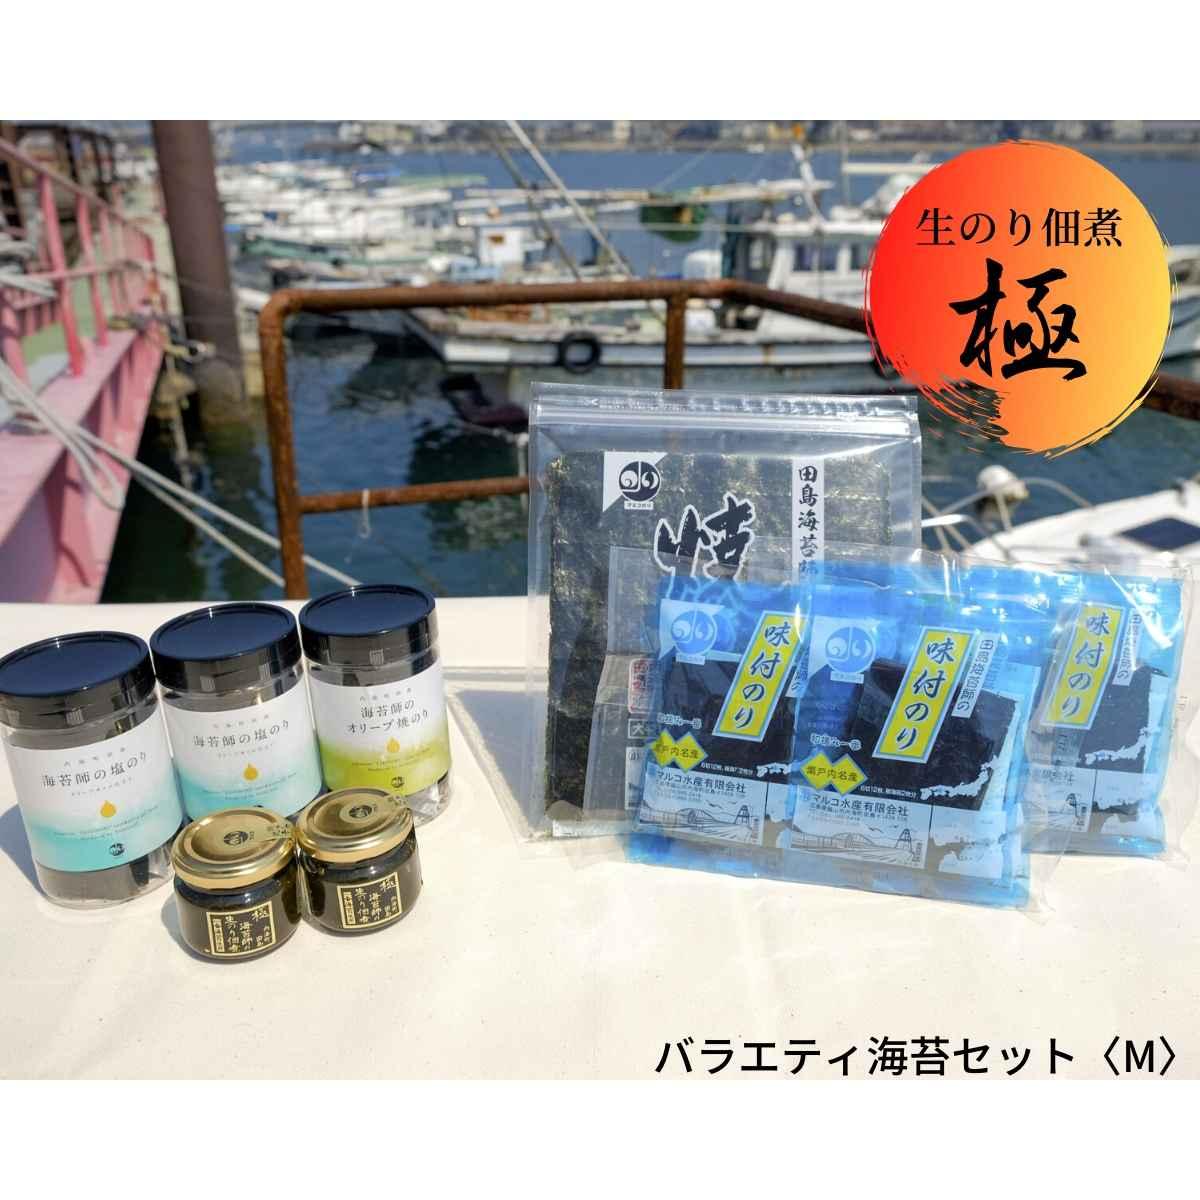 セール商品 日本製 ふるさと納税 海苔漁師が作る極上の佃煮 海苔師の生のり佃煮〈極〉とバラエティ海苔セット〈M〉